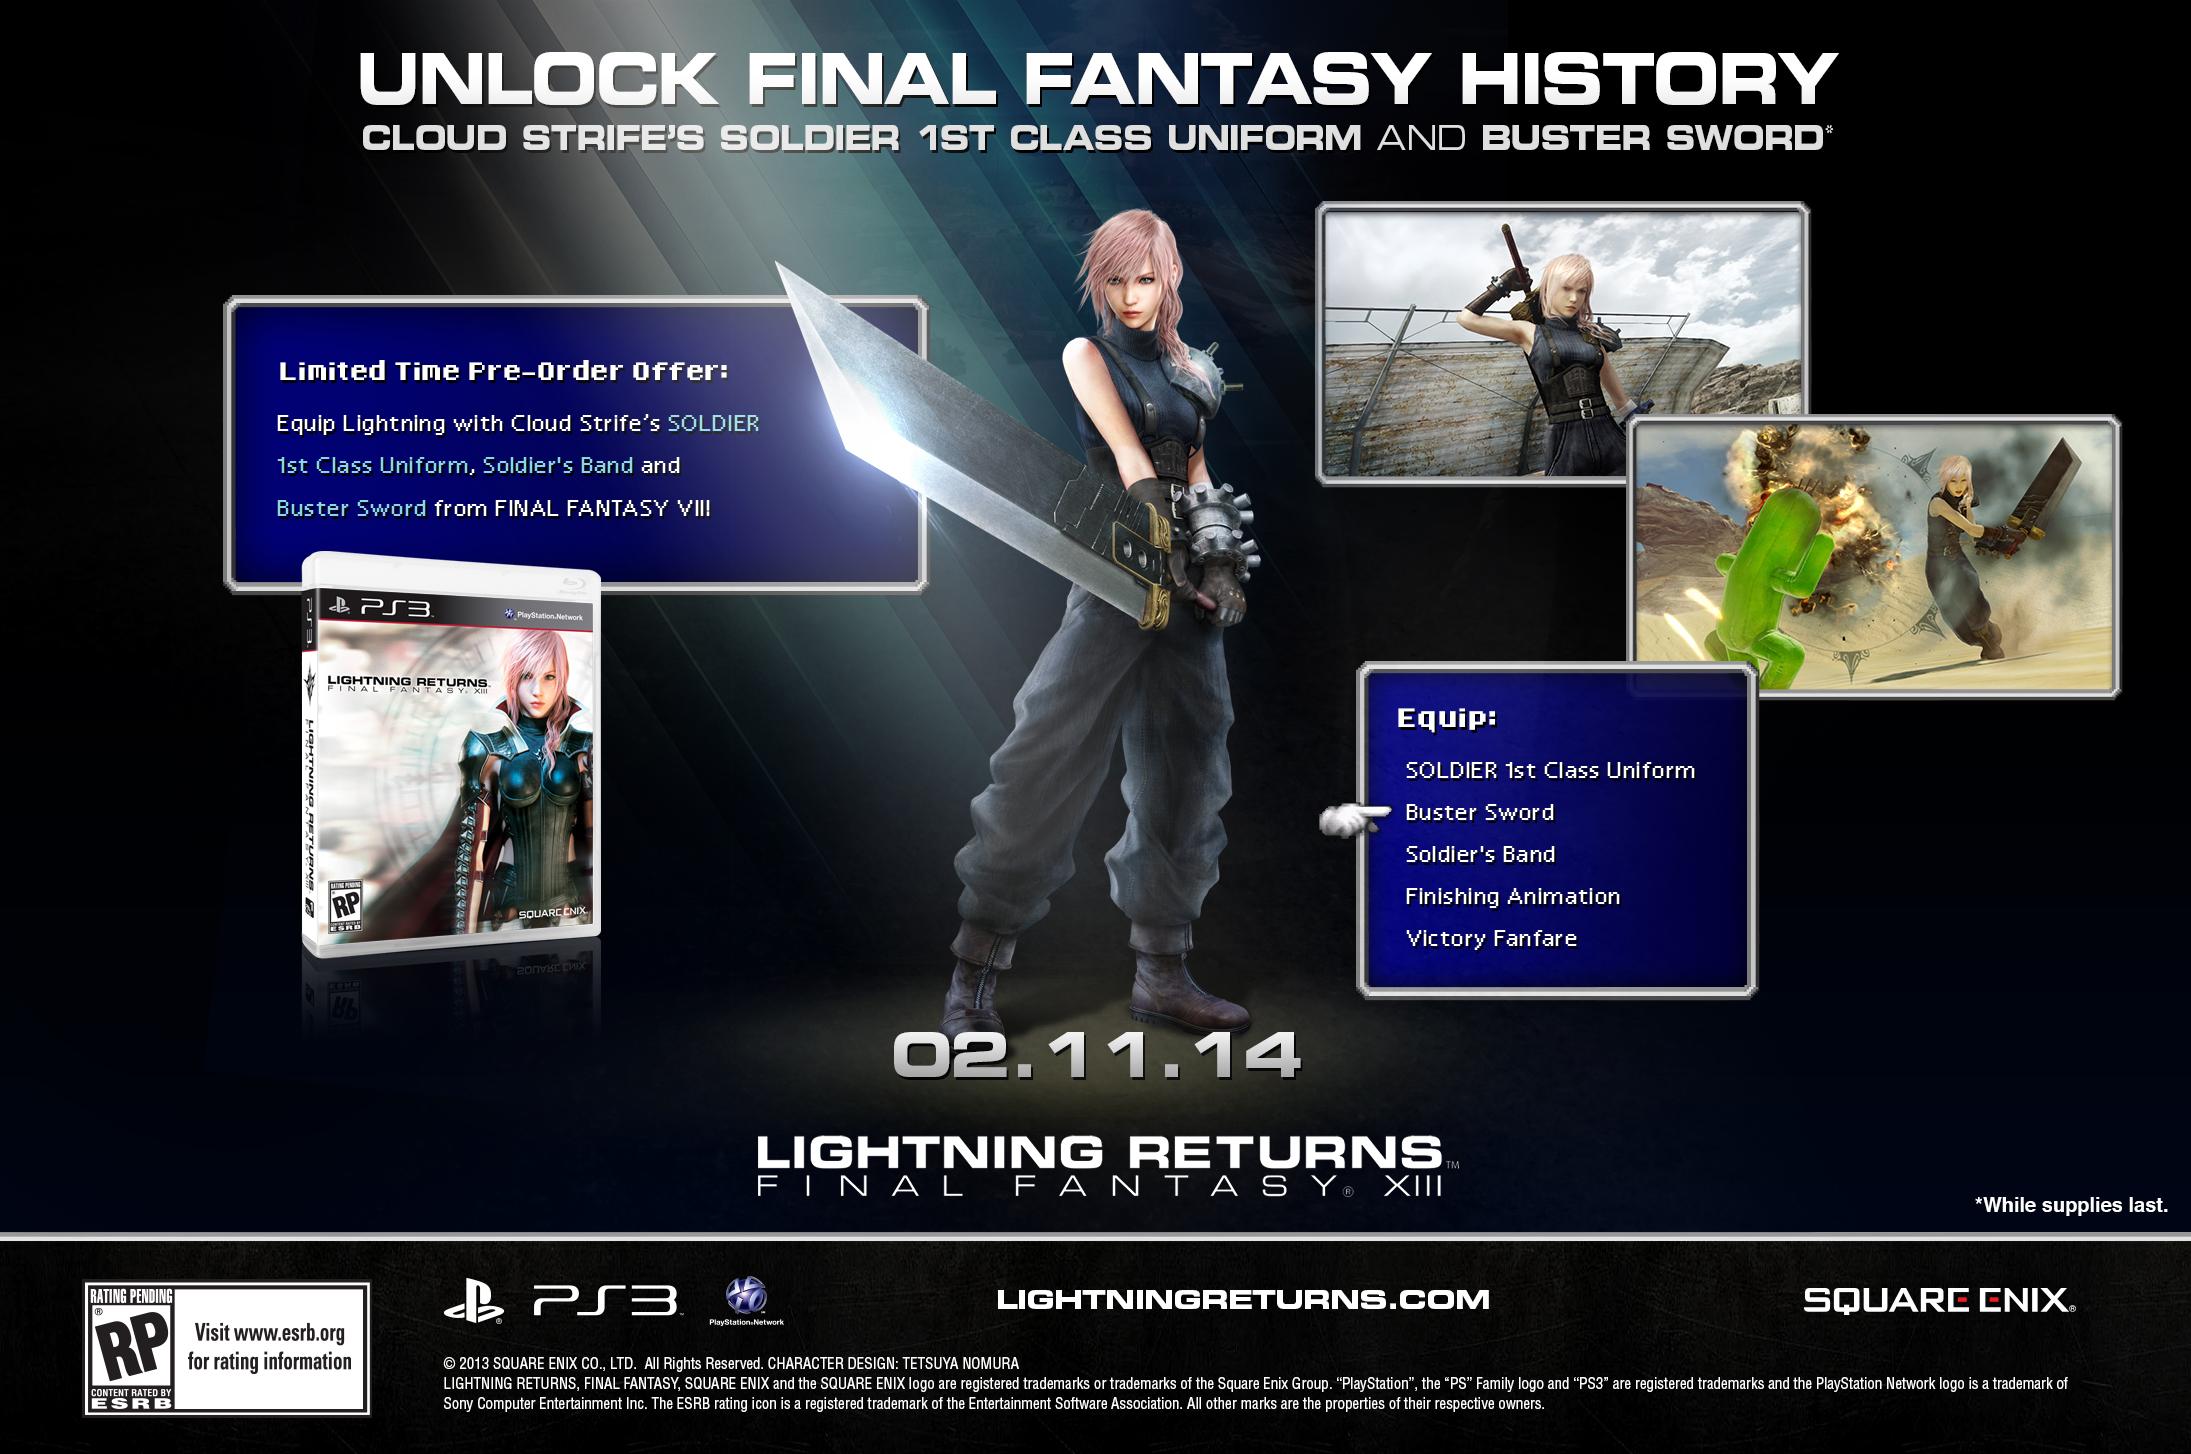 [PS] Final Fantasy VII - Page 2 Lightning-Returns-Final-Fantasy-13-Cloud-Strife-pre-order-dlc